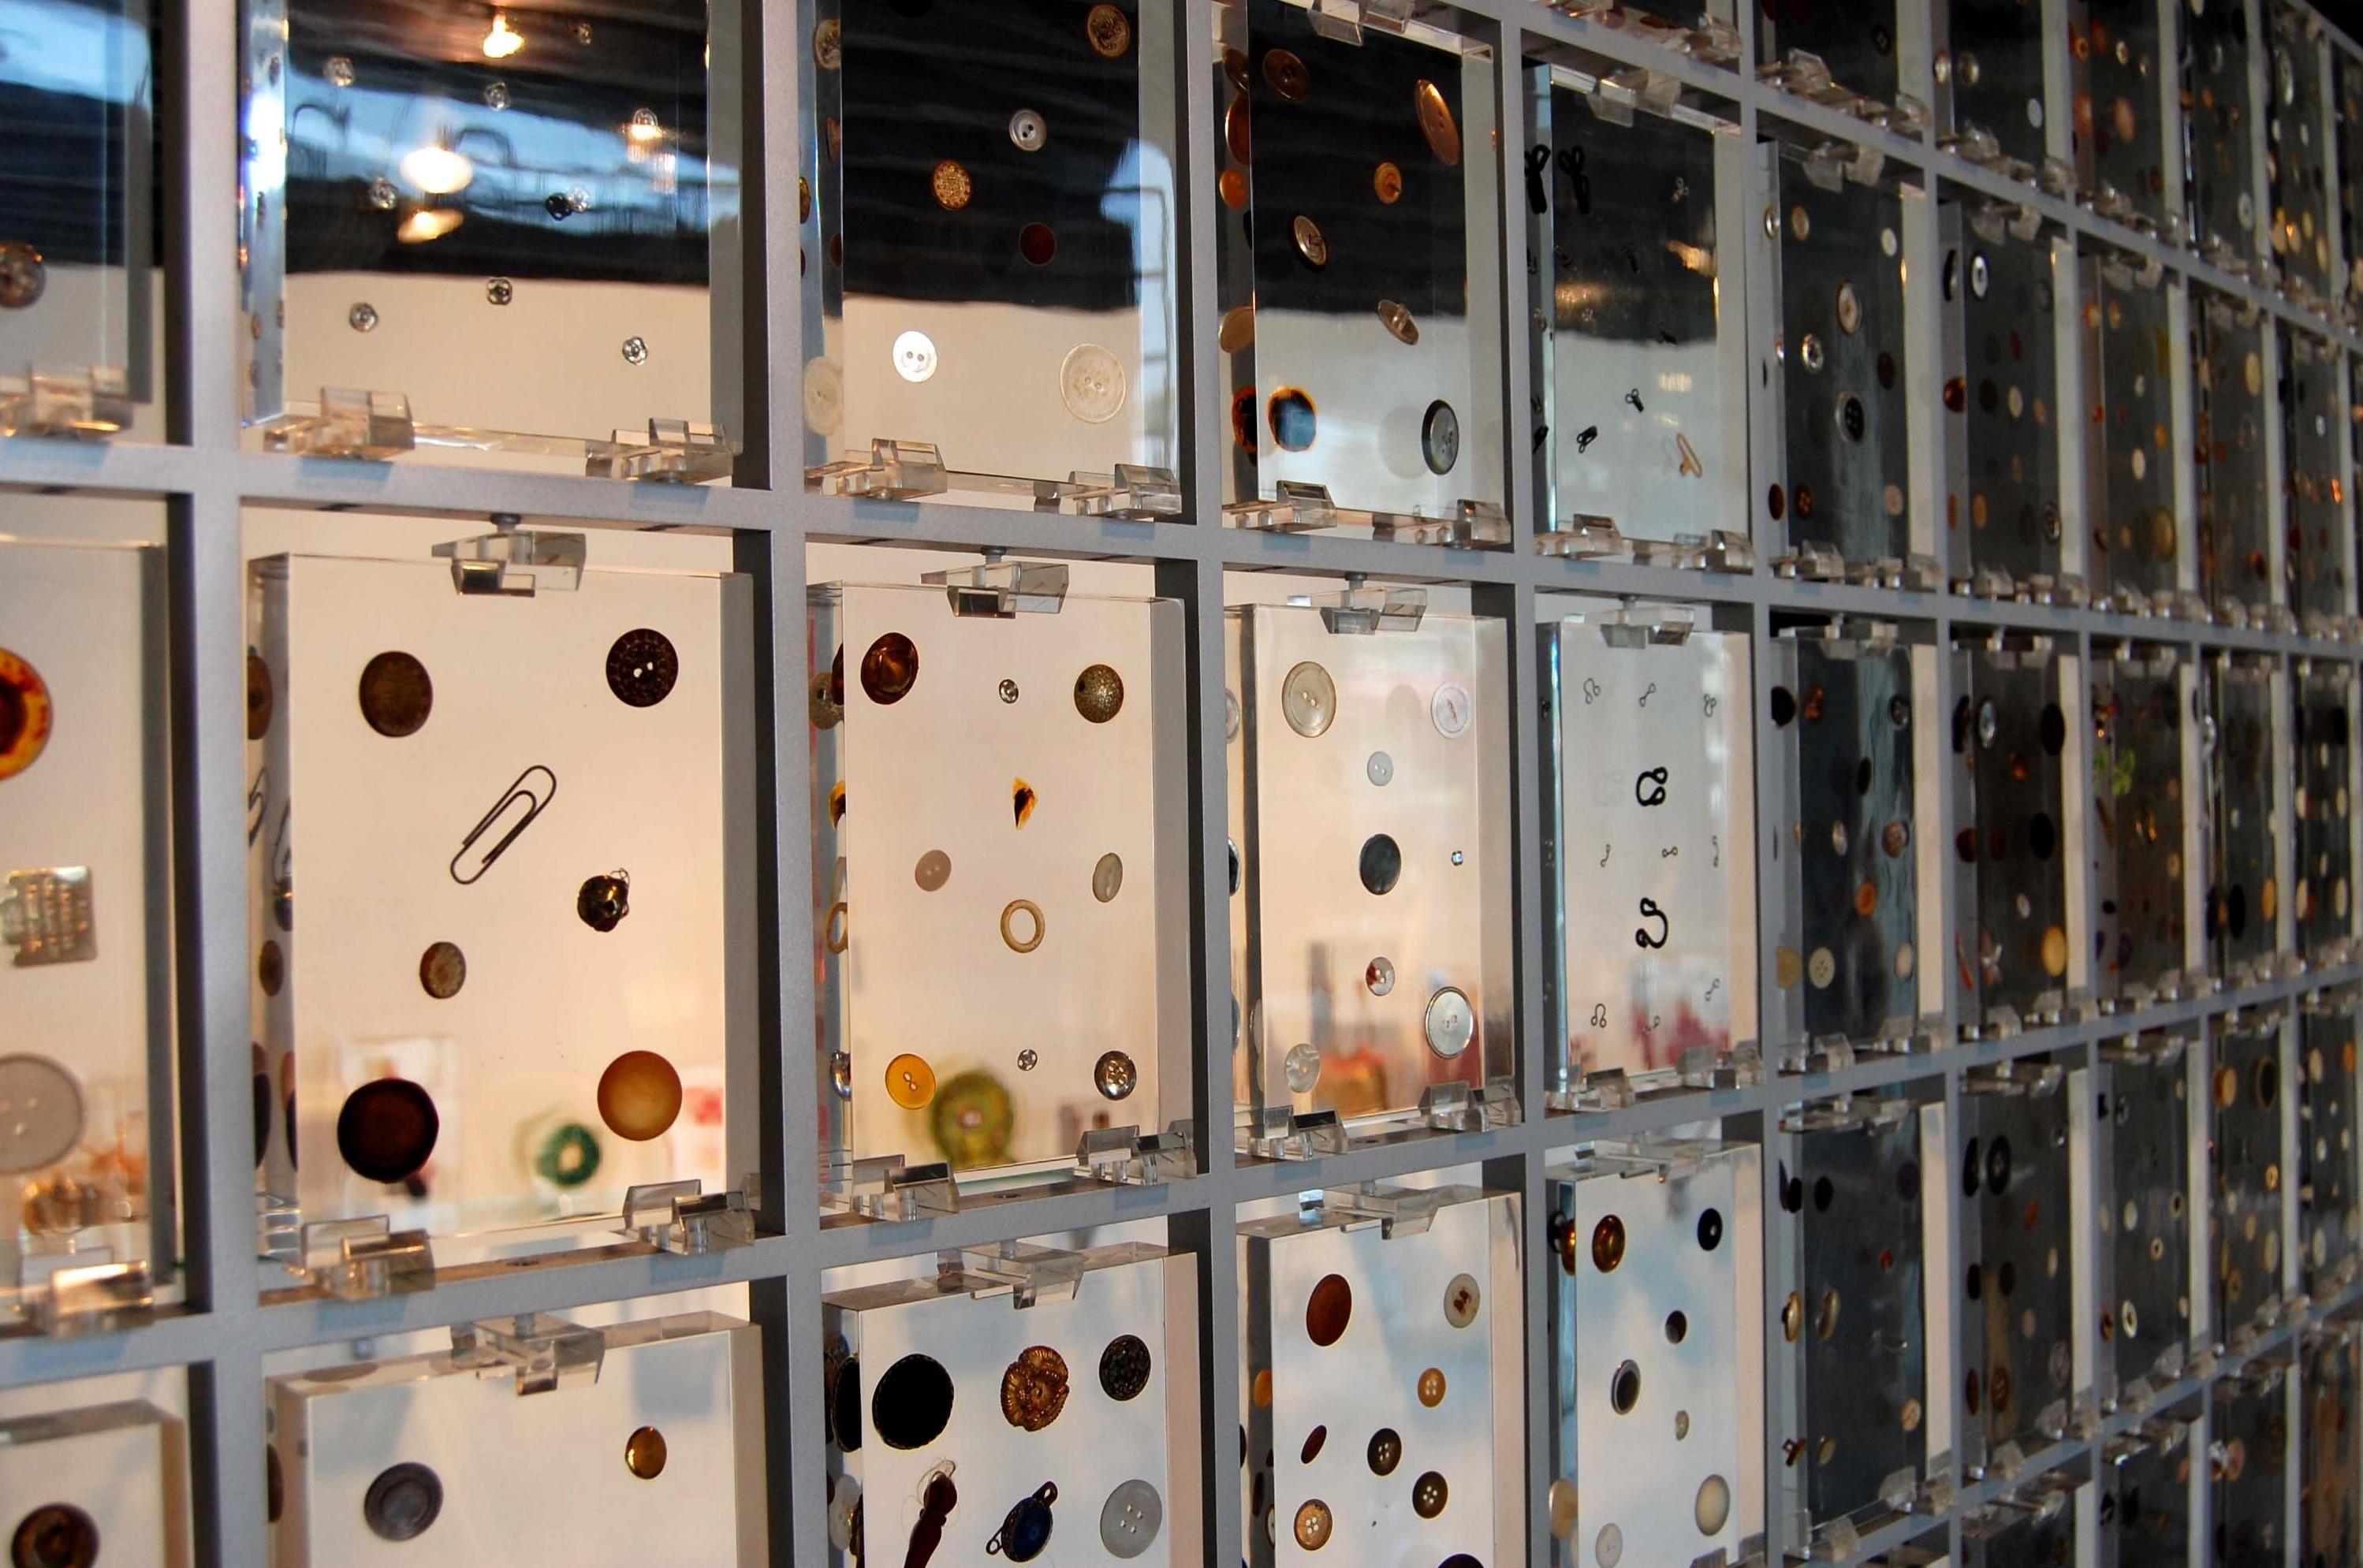 Ventanas de aluminio o pvc en sant pere de ribes con - Ventanas de aluminio o pvc precios ...